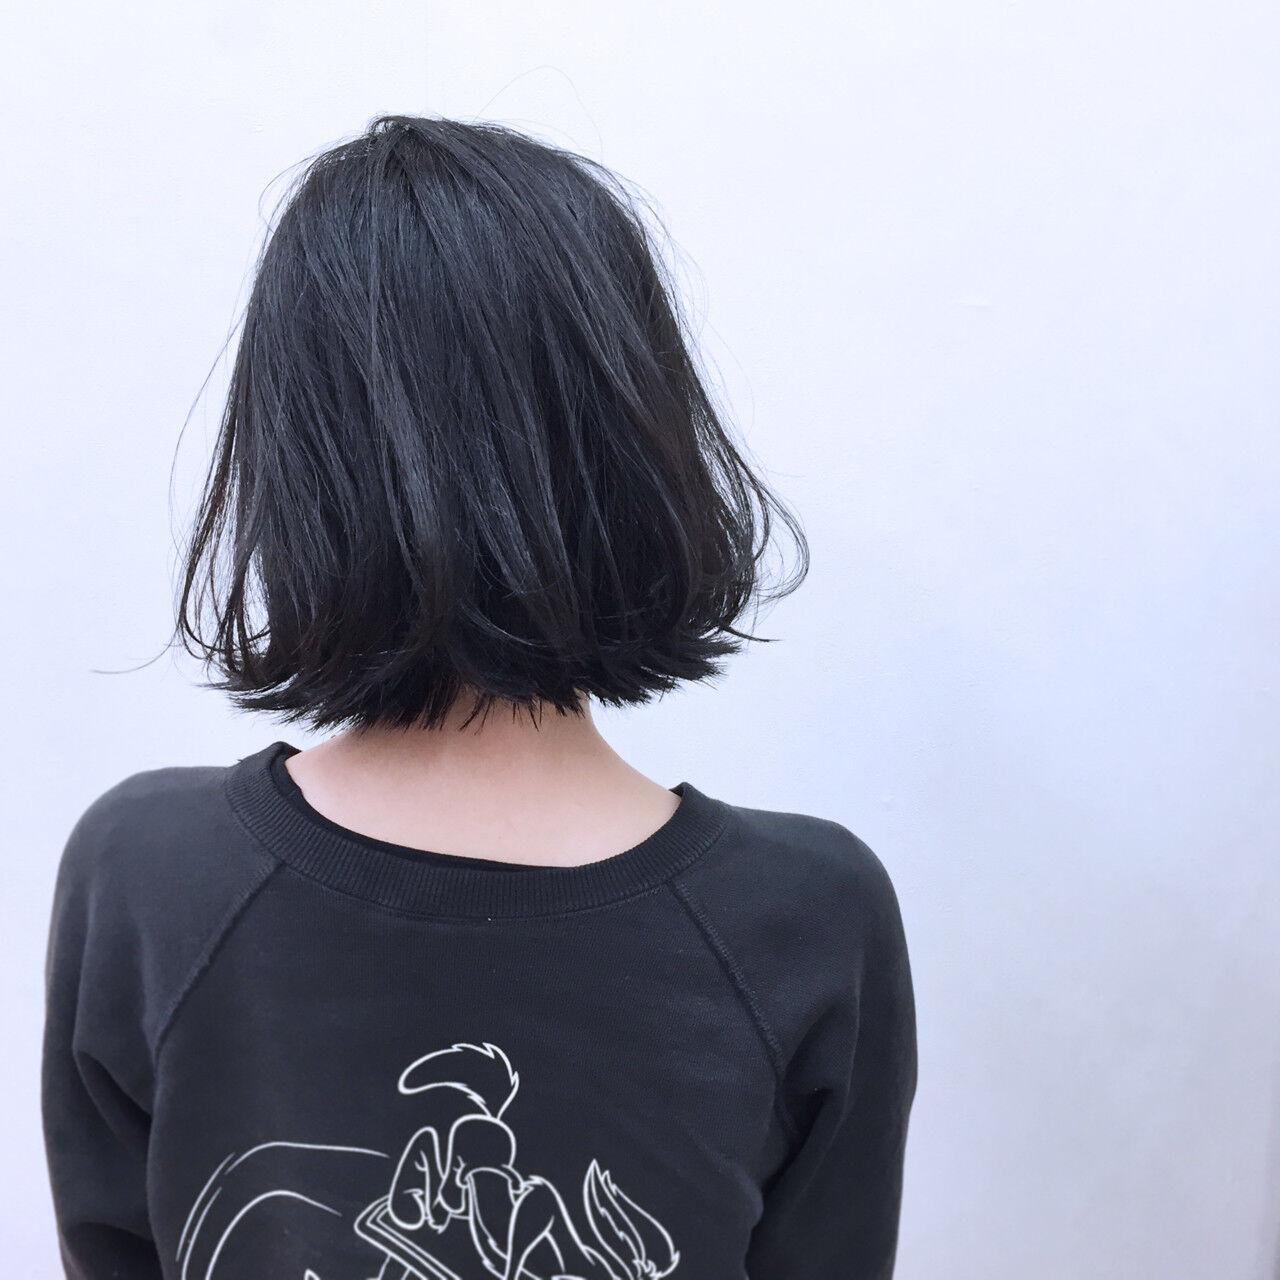 暗髪 ボブ ストリート 簡単ヘアアレンジヘアスタイルや髪型の写真・画像